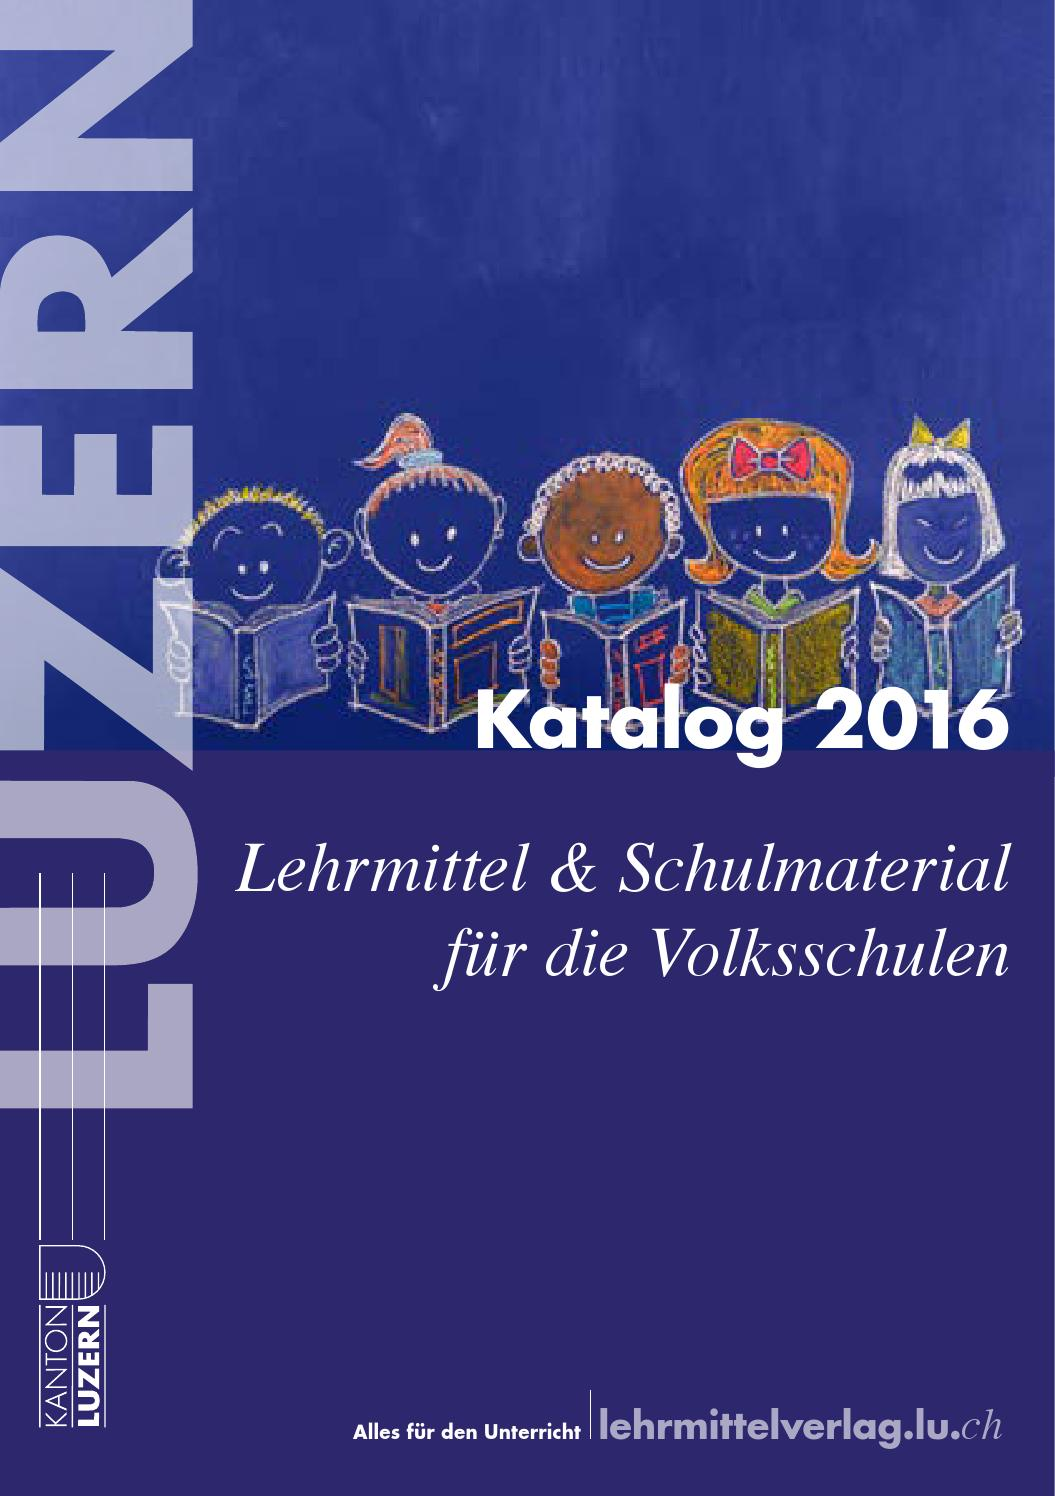 Lehrmittelverlag Katalog 2016 by Lehrmittelverlag Luzern - issuu